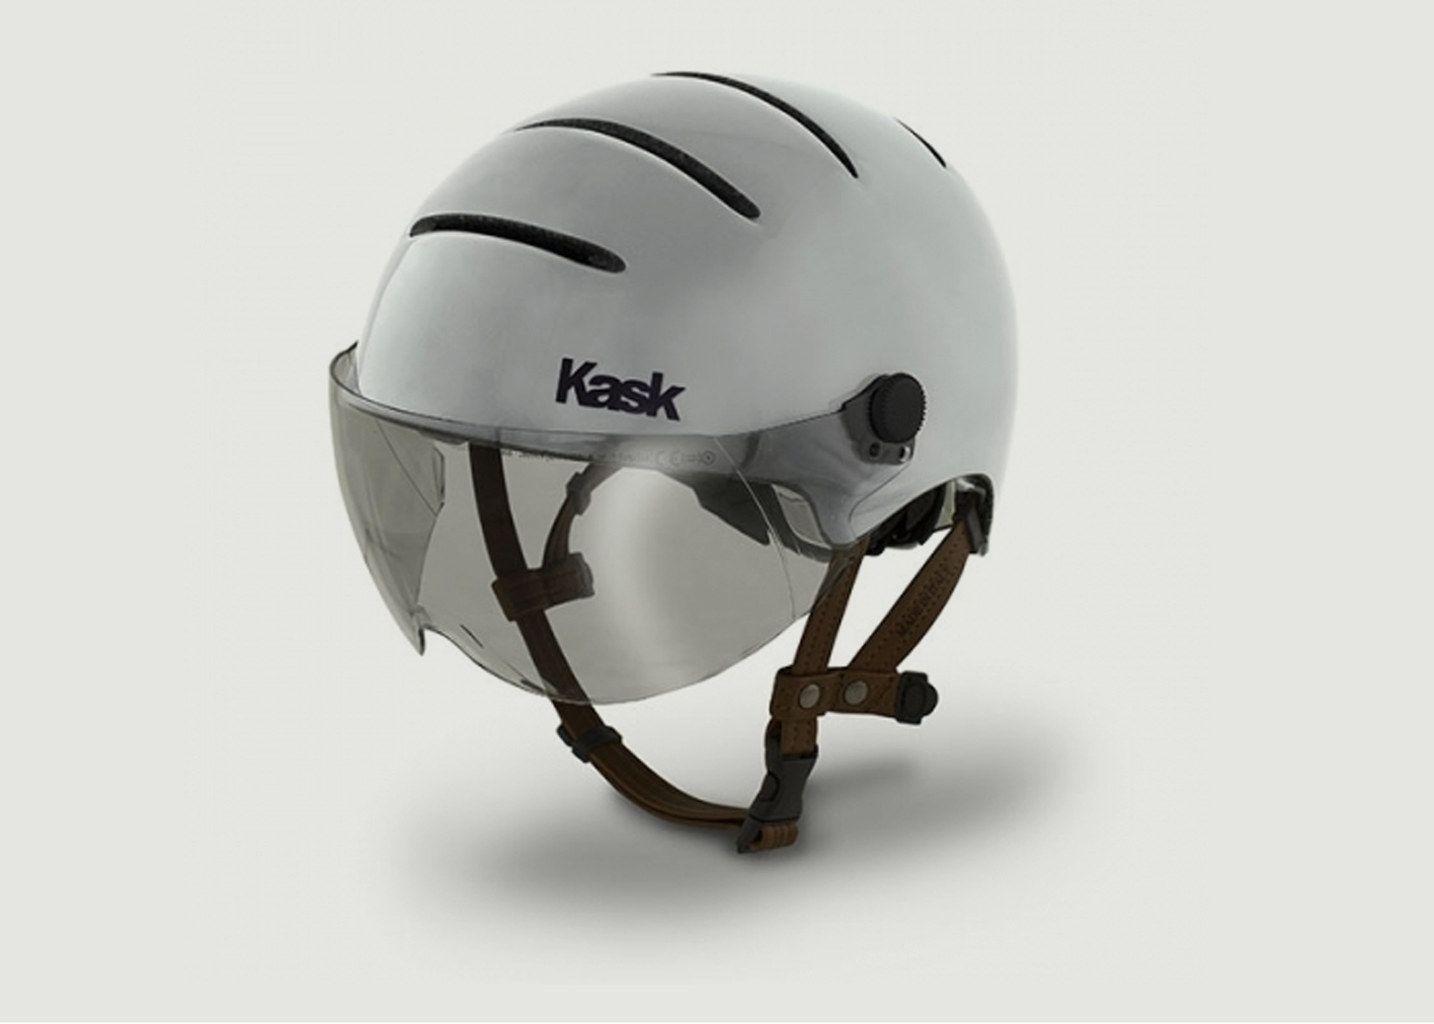 Casque de Vélo Urban Lifestyle - Kask